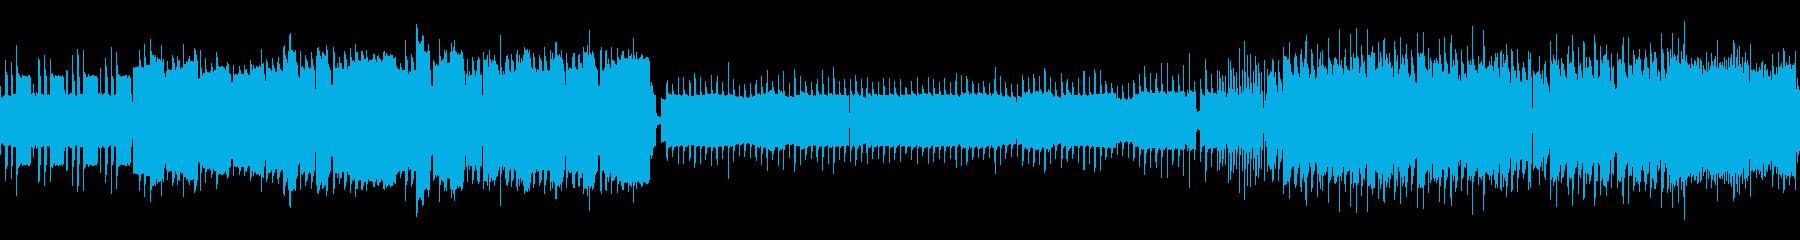 冒険のテーマ・フィールド曲 レトロ風の再生済みの波形